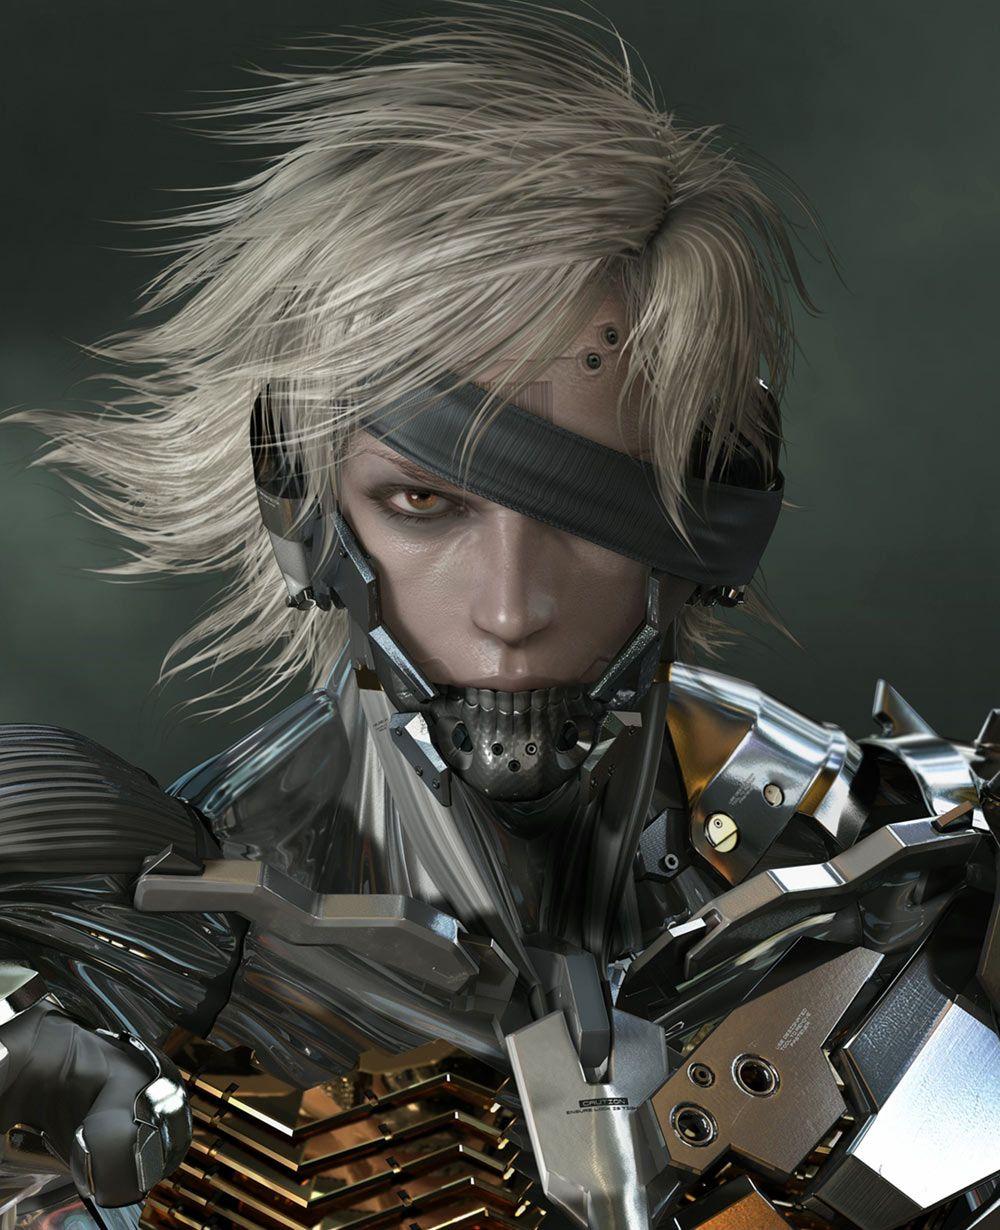 Metal Gear Games, Metal Gear Rising, Metal